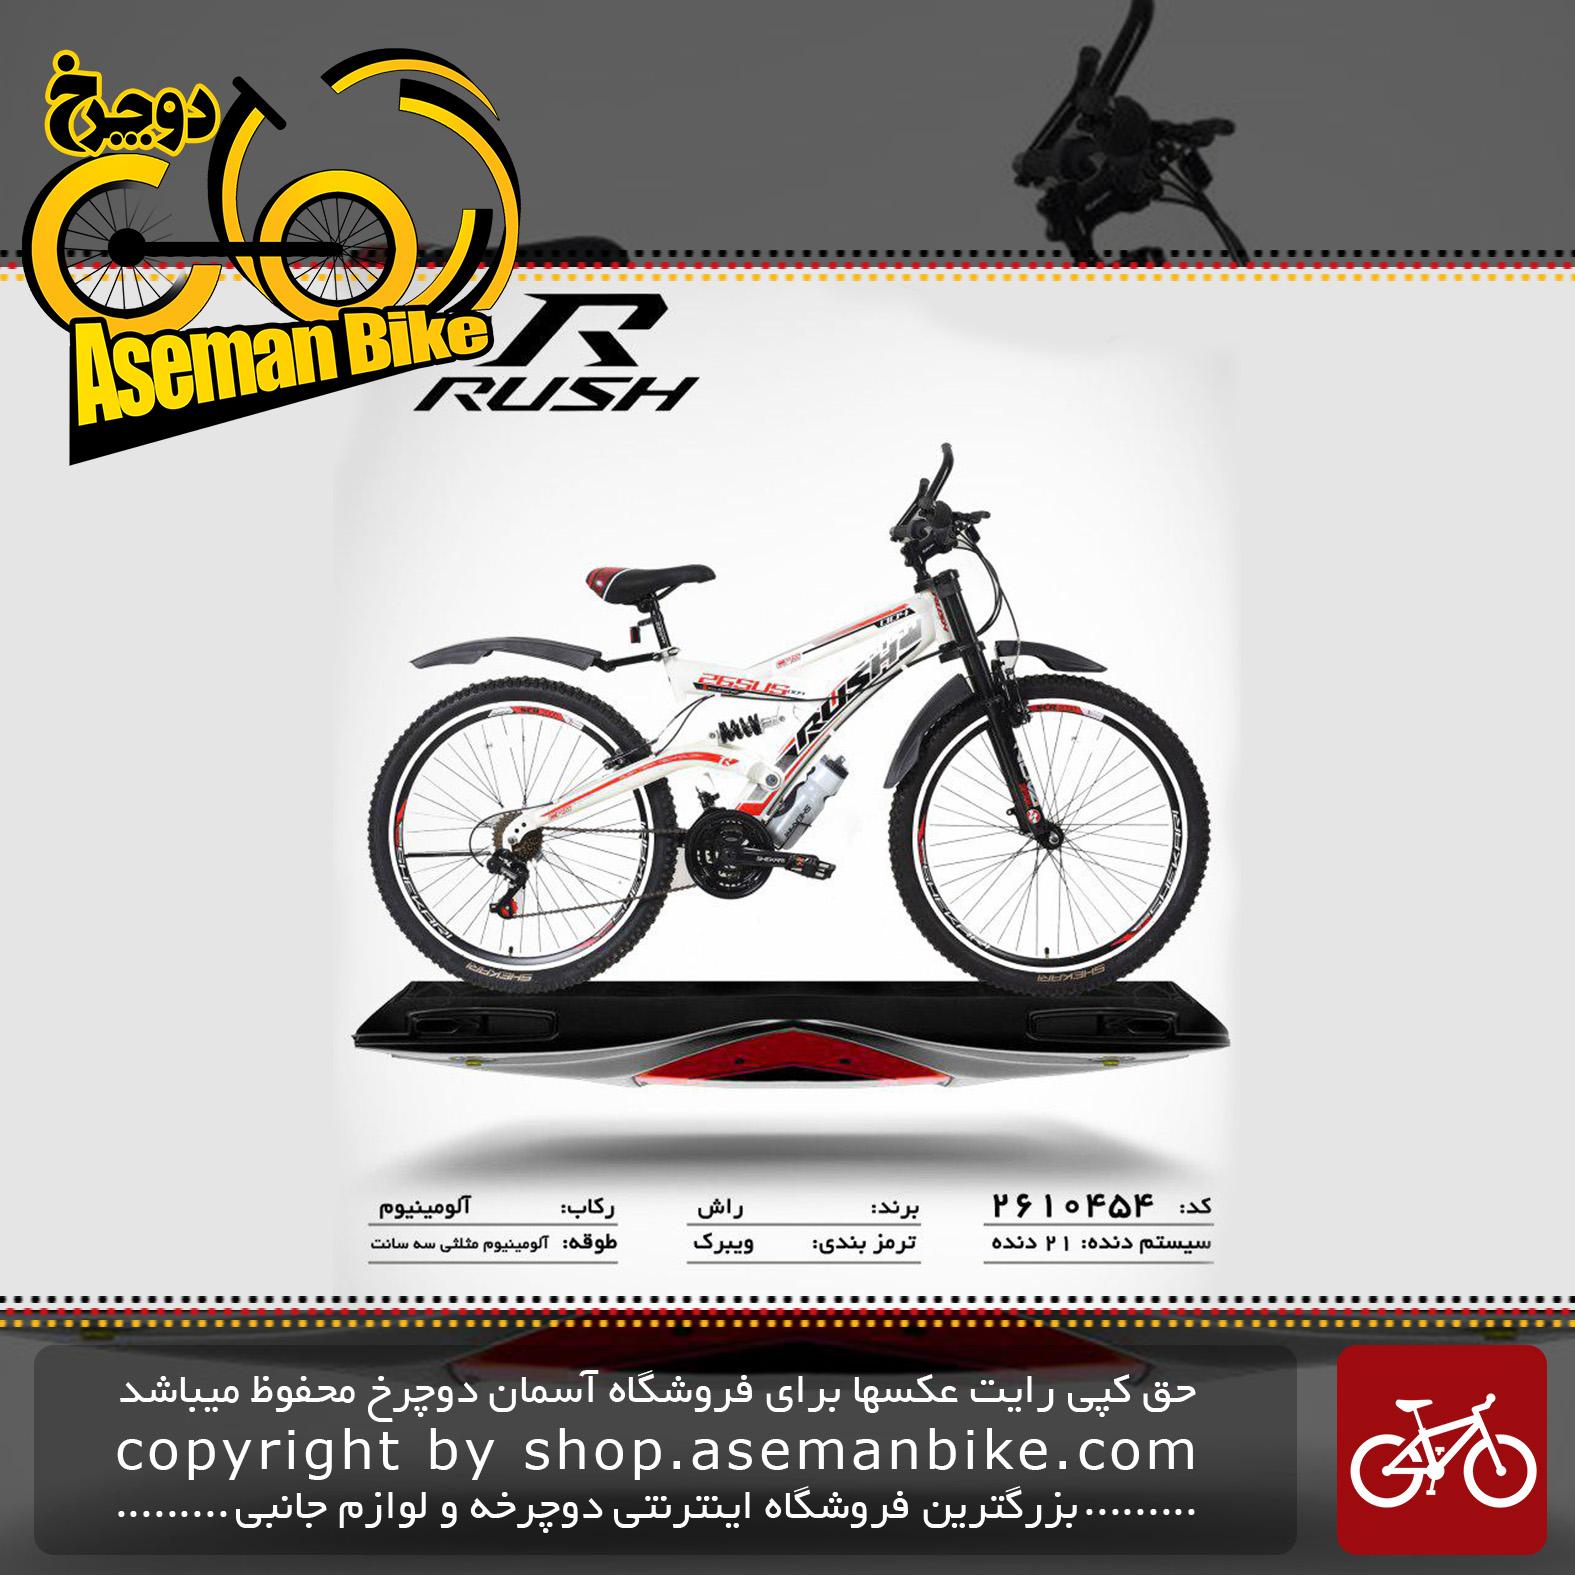 دوچرخه راش سایز 26 21 دنده دو کمک لغمه ای مدل54 rush bicycle 26 21 speed dual shock vb 54 2019